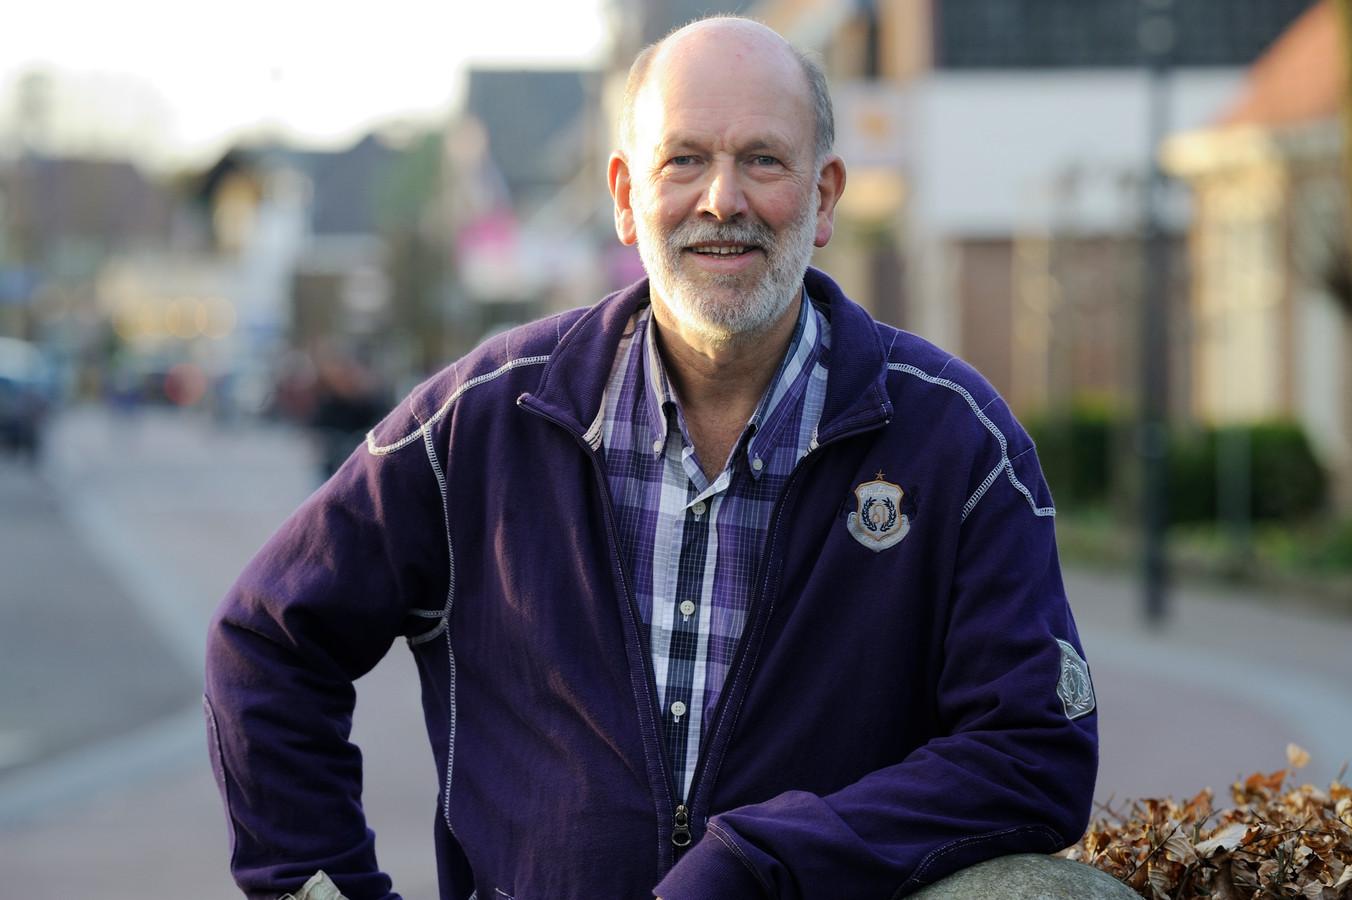 Gerard Mensink stopt dit jaar als voorzitter van de Dorpsraad Hellendoorn. Hij was elf jaar bestuurslid, waarvan de laatste acht als voorzitter.